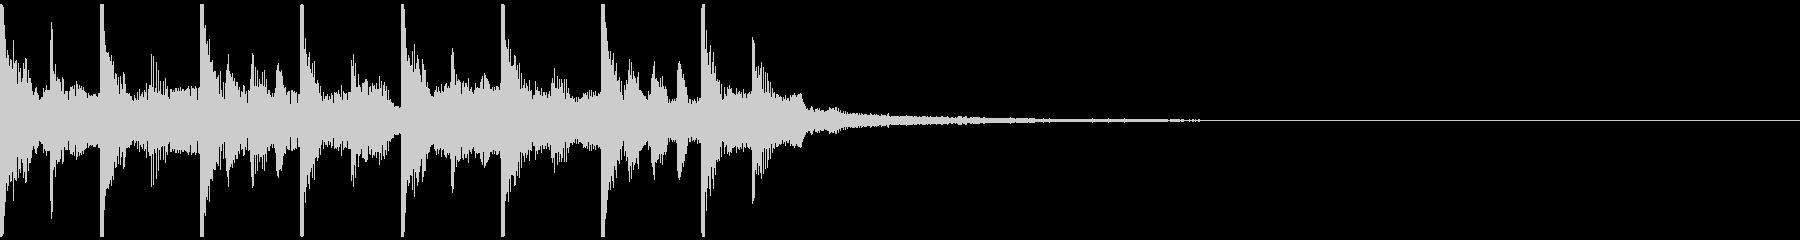 グロッケン オルガンの未再生の波形